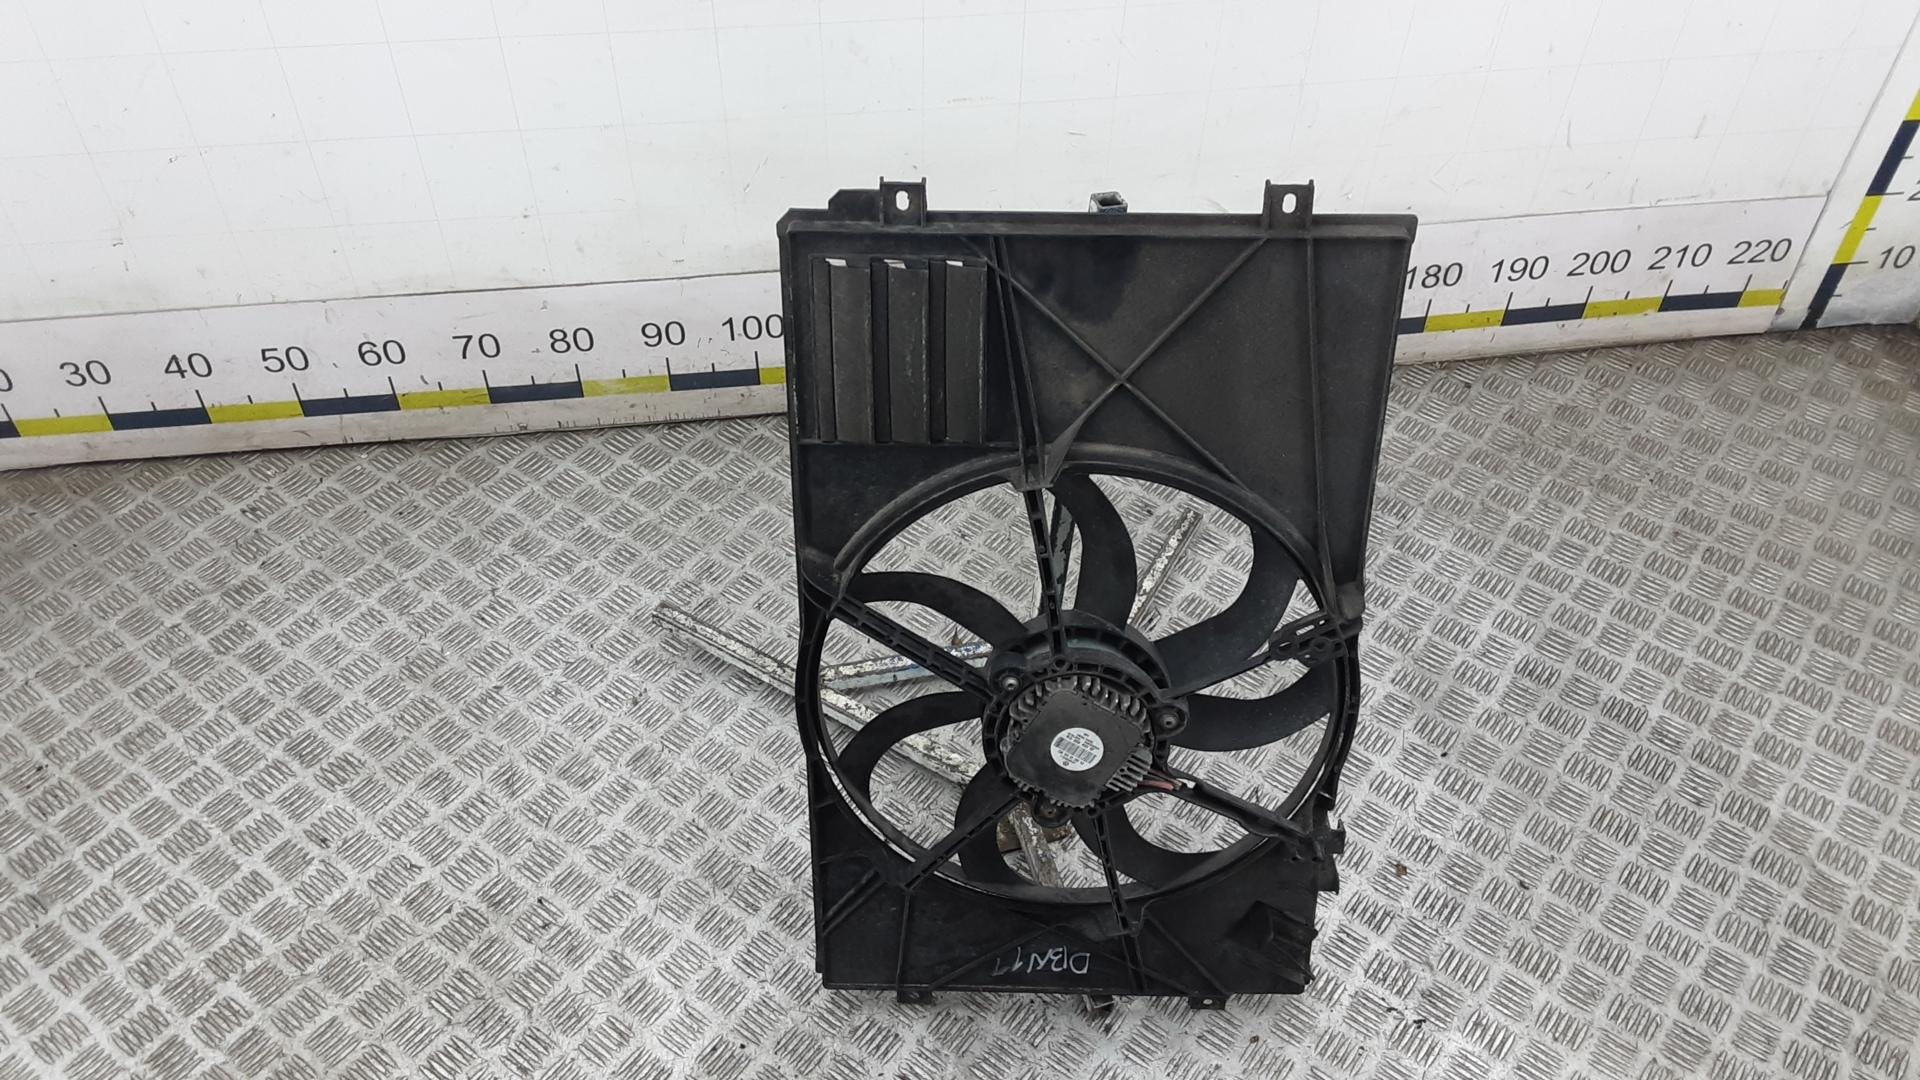 Вентилятор радиатора, SKODA, OCTAVIA A5, 2010